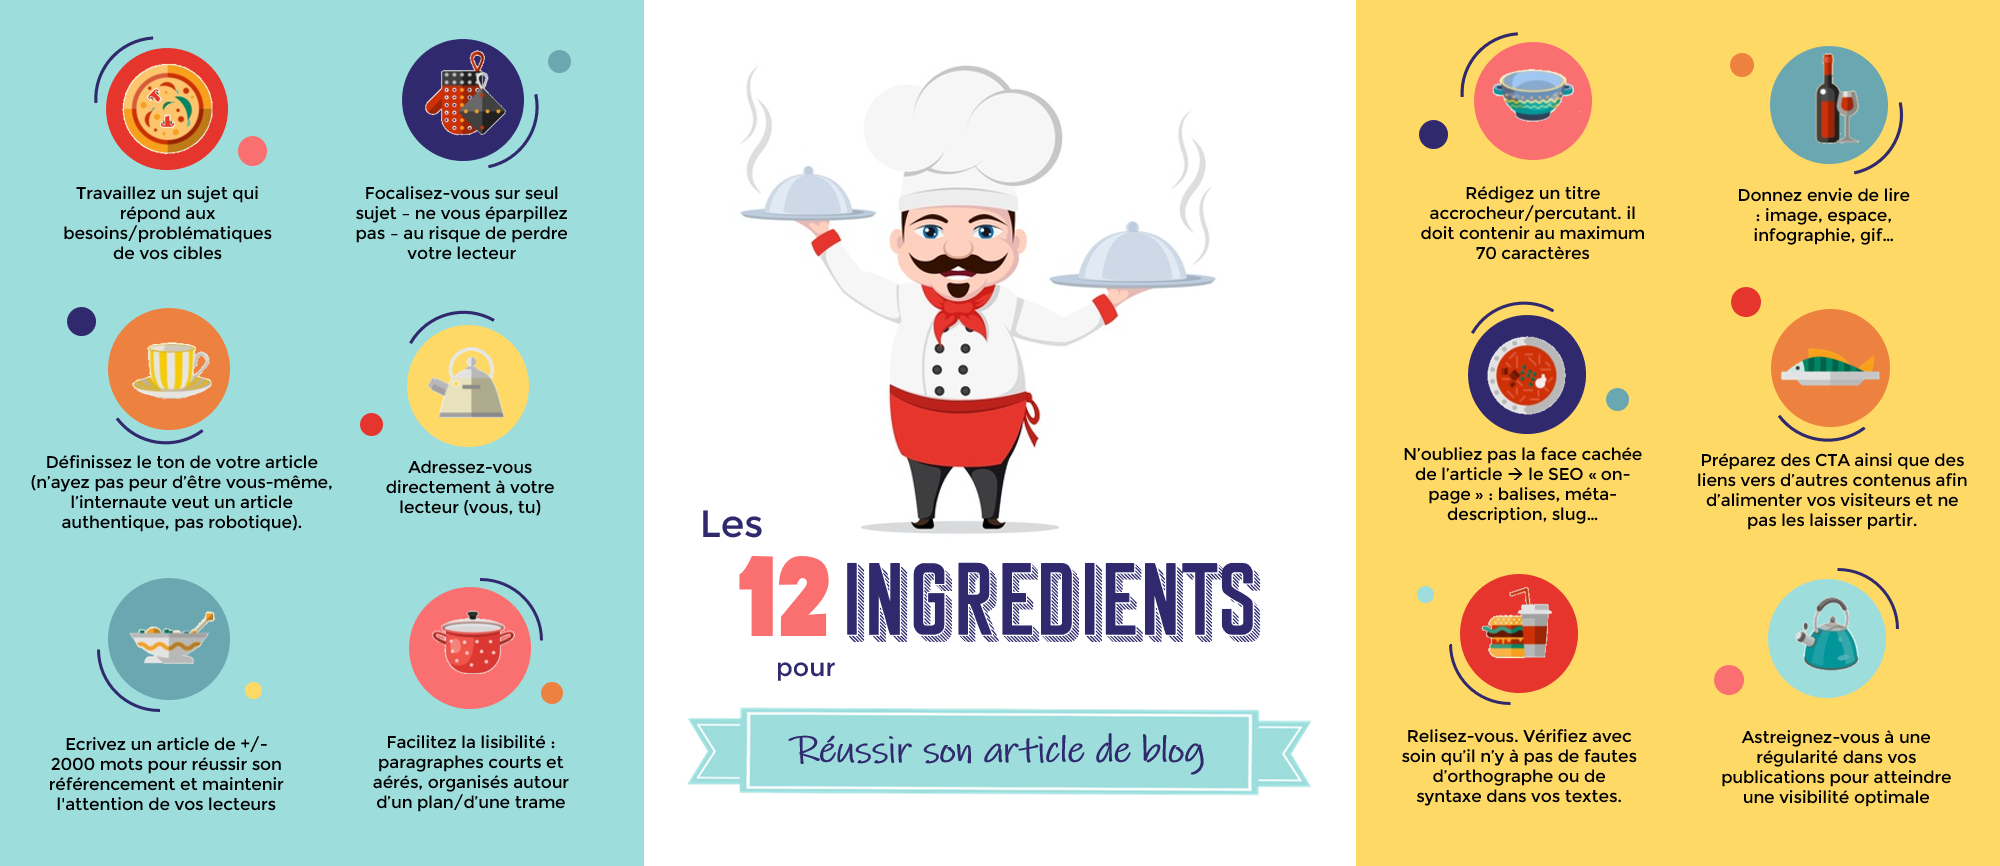 12 astuces pour réussir votre article de blog - Agence FPC-1